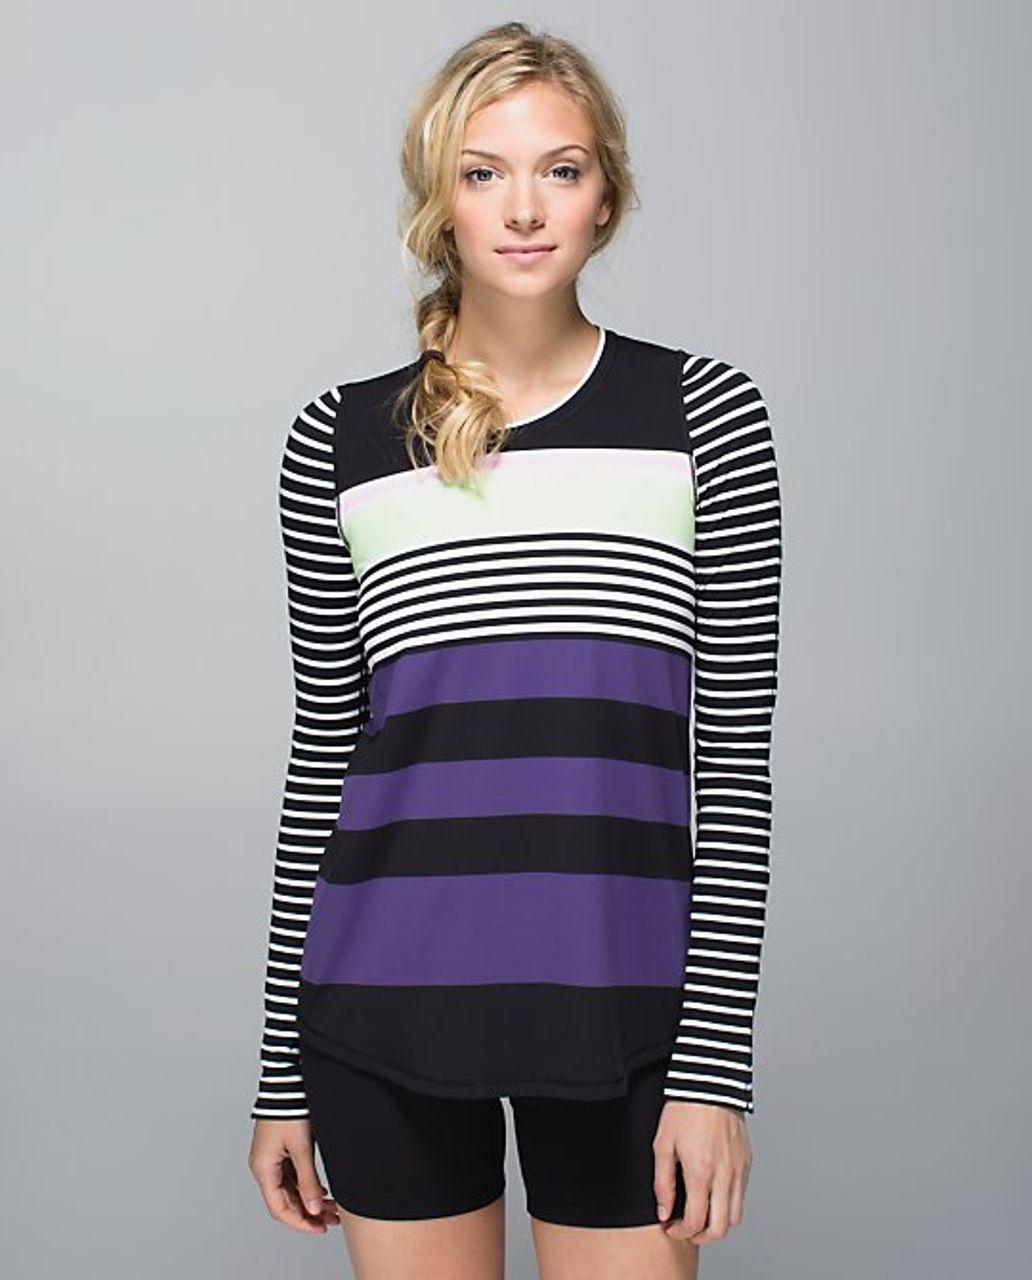 Lululemon Tuck and Flow Long Sleeve - 2014 Seawheeze - Seawall Stripe / Deenie Stripe